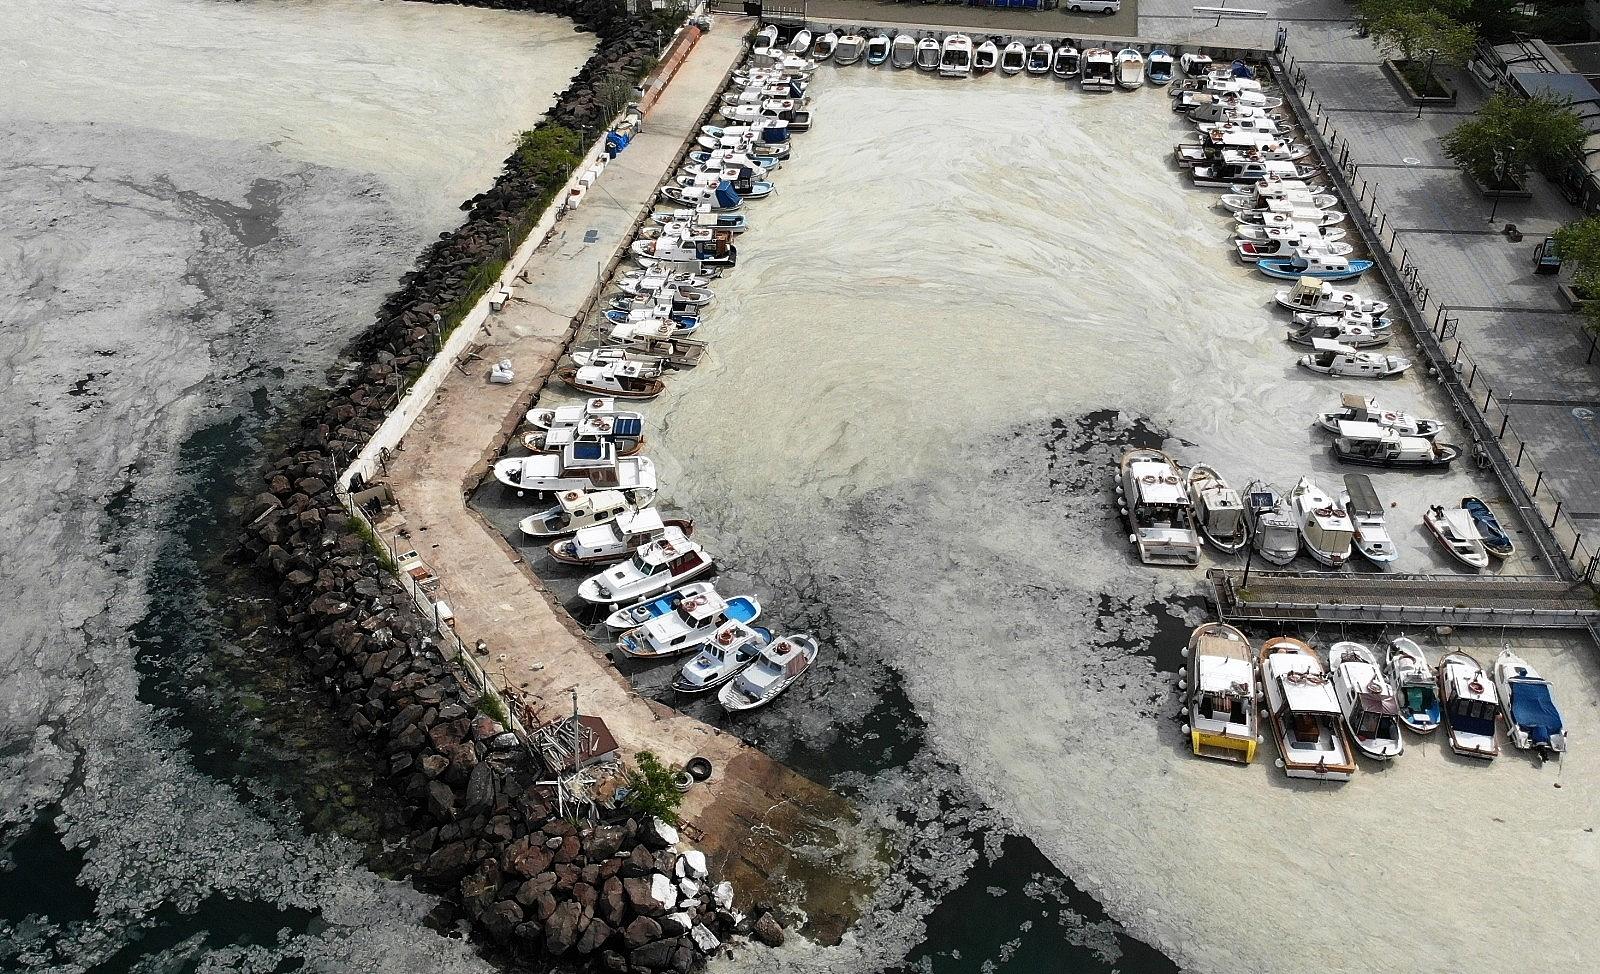 2021/05/canakkale-bogazi-deniz-salyasi-ile-kaplandi-20210503AW31-1_1.jpg